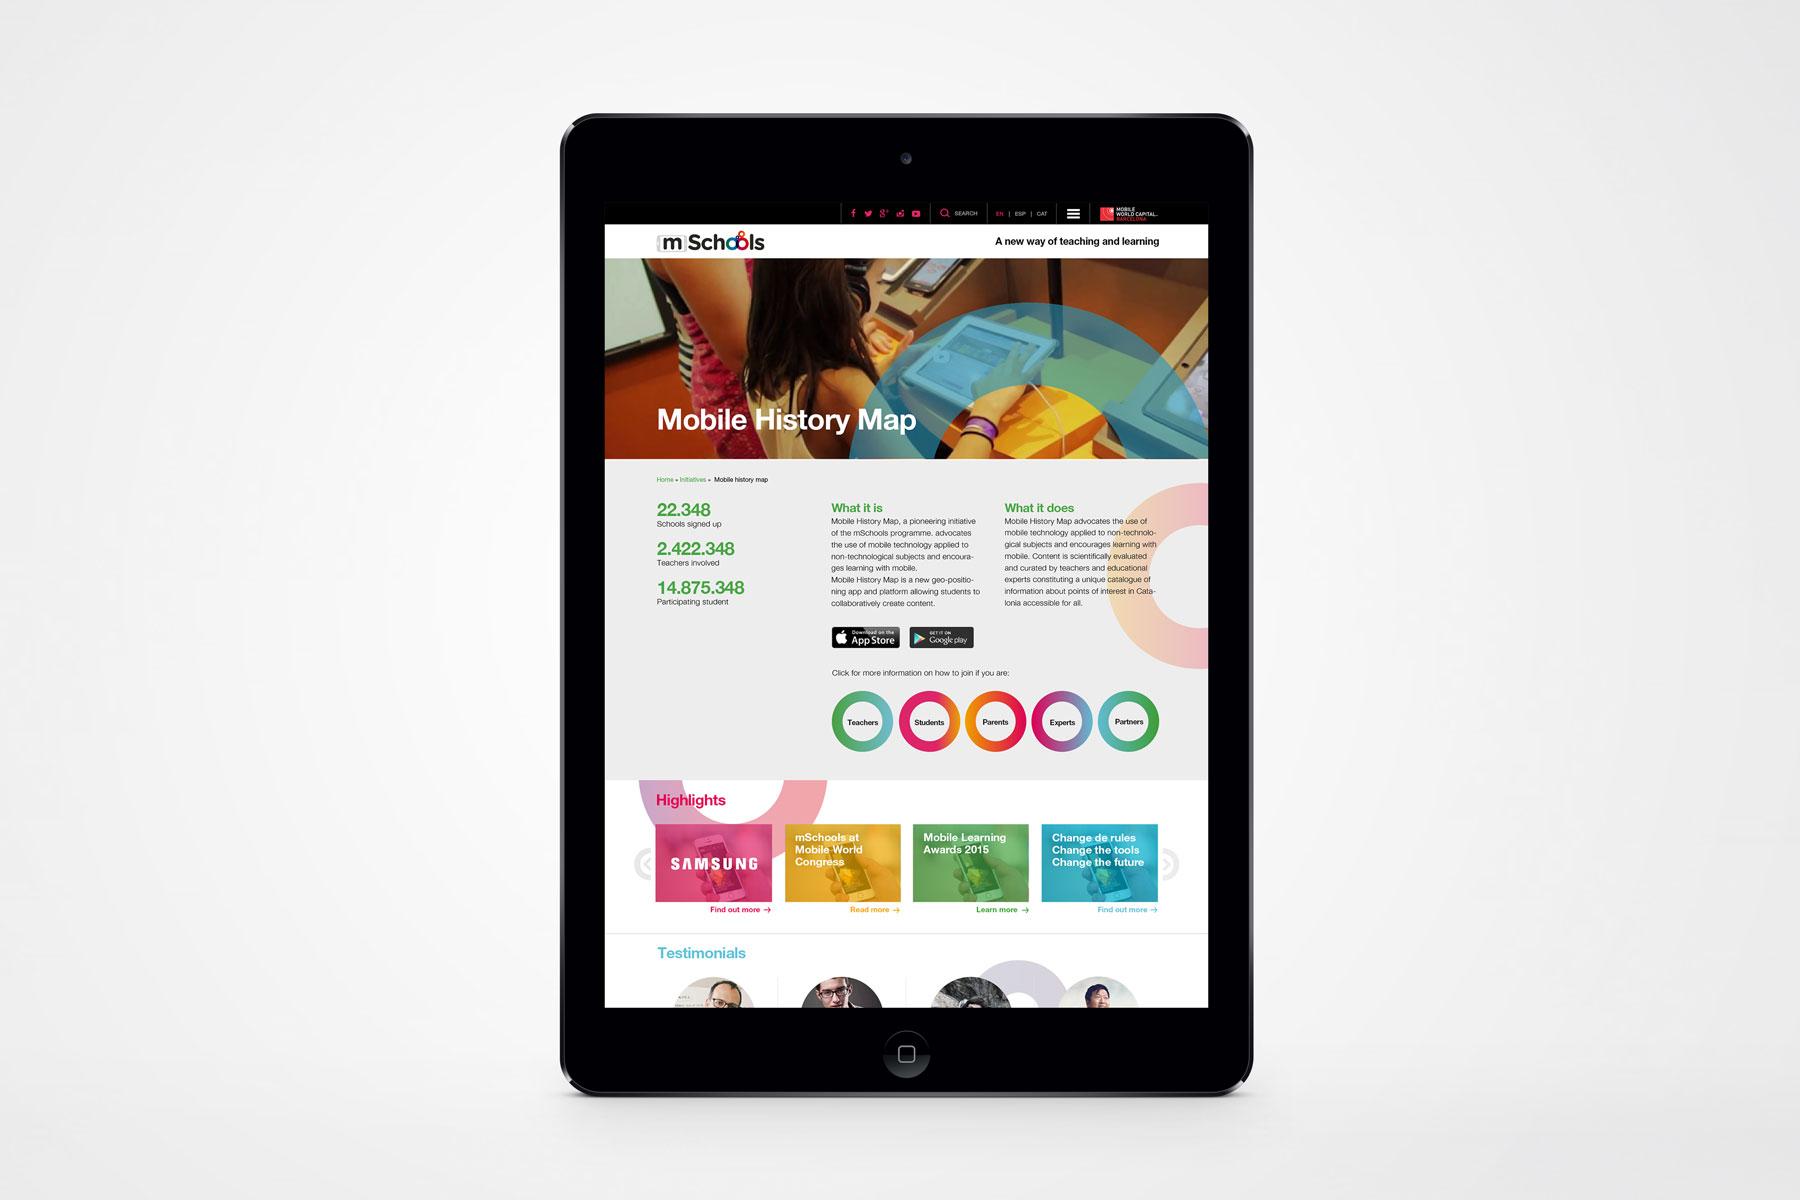 Mschools-iPad1